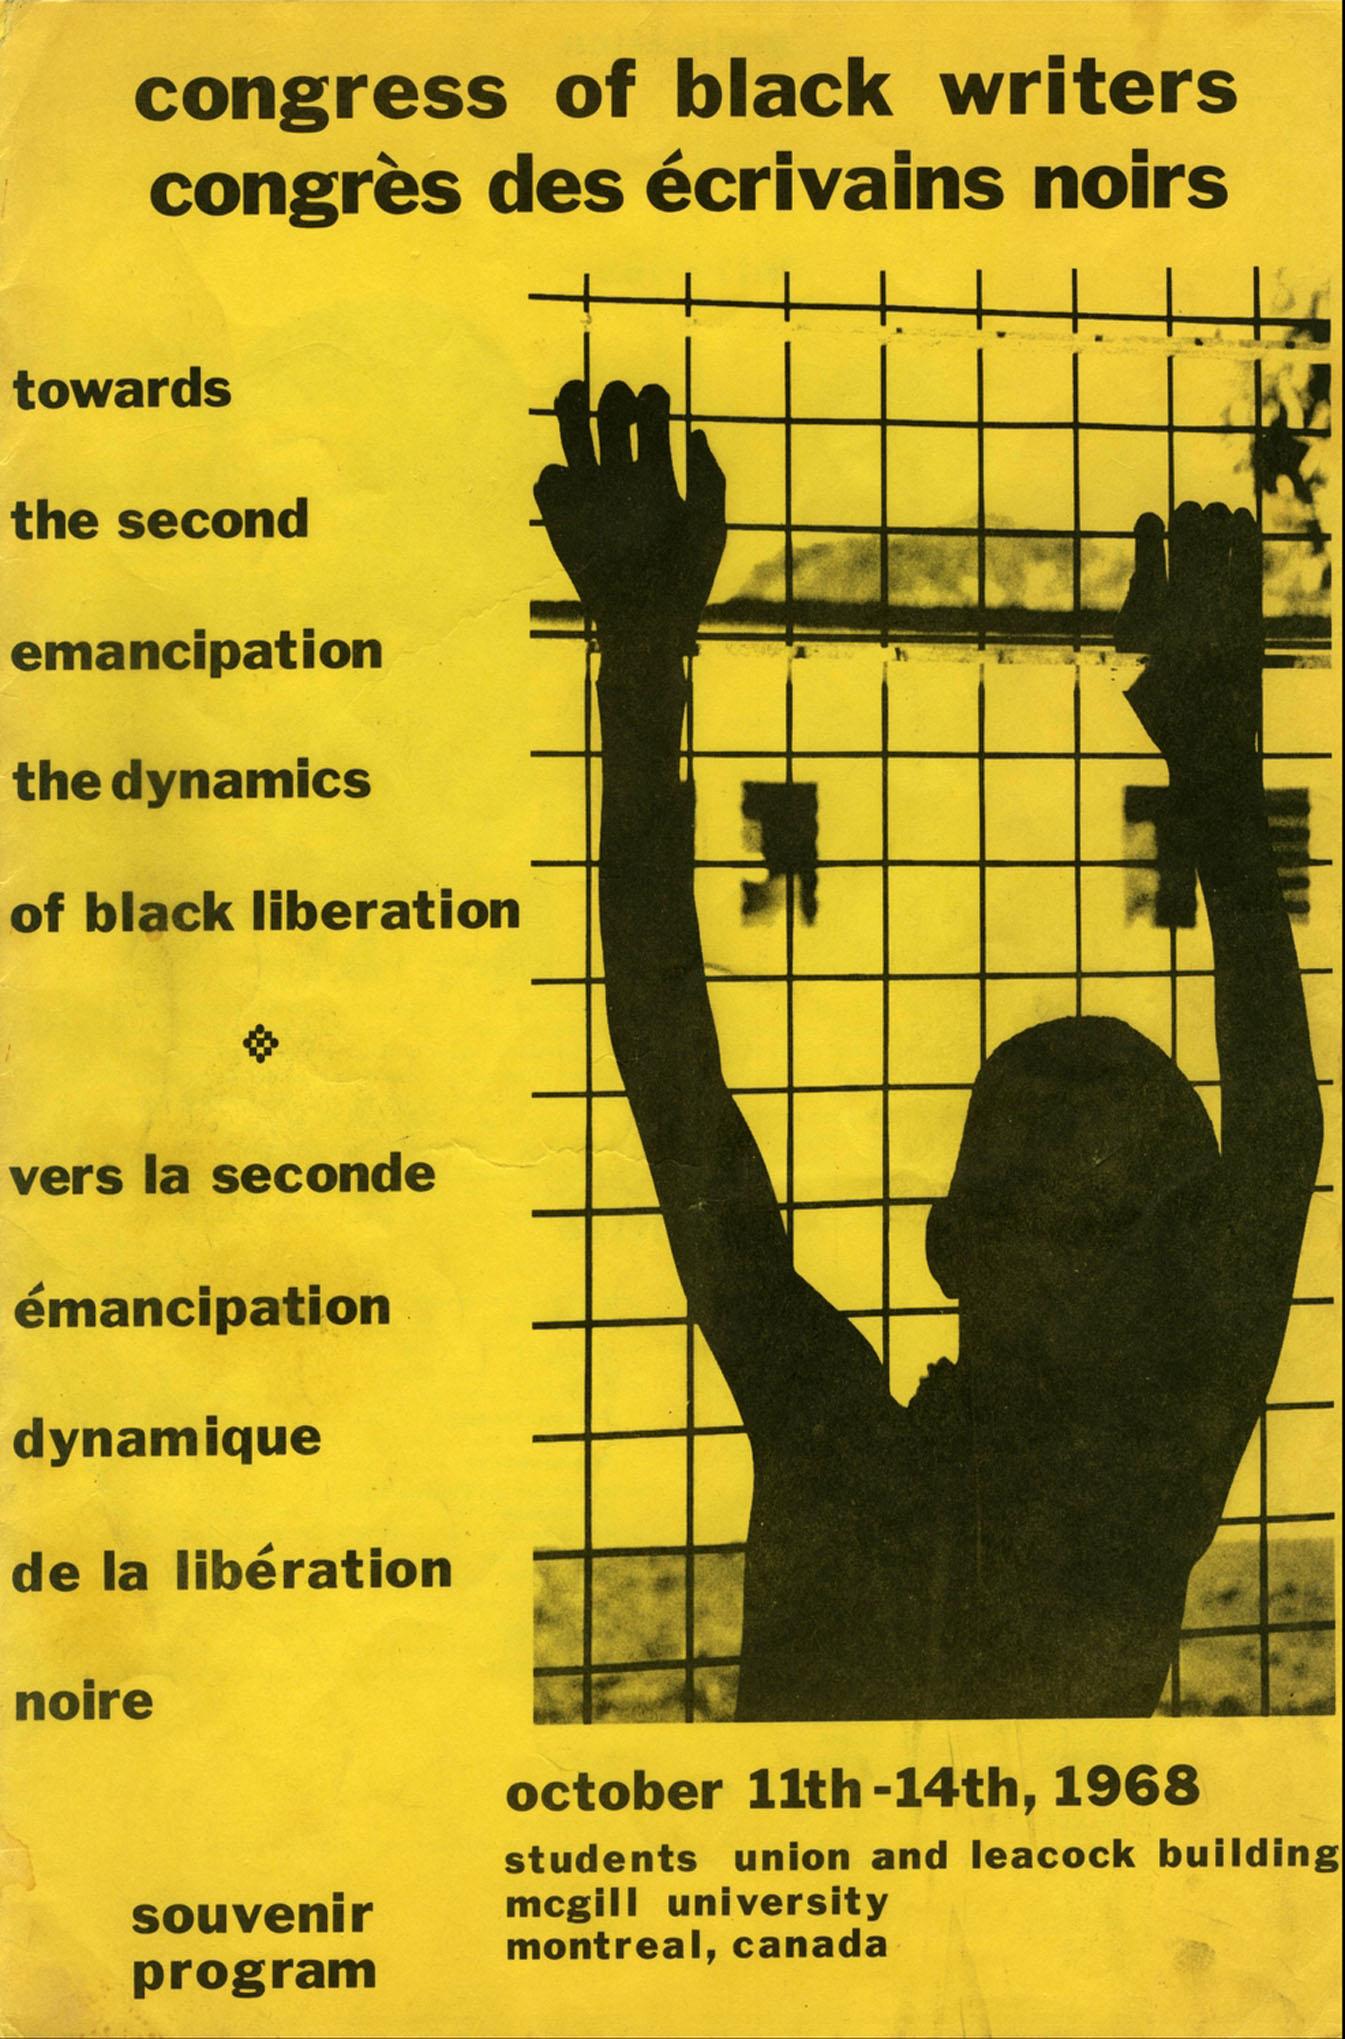 Affiche du Congrès des écrivains noirs en 1968